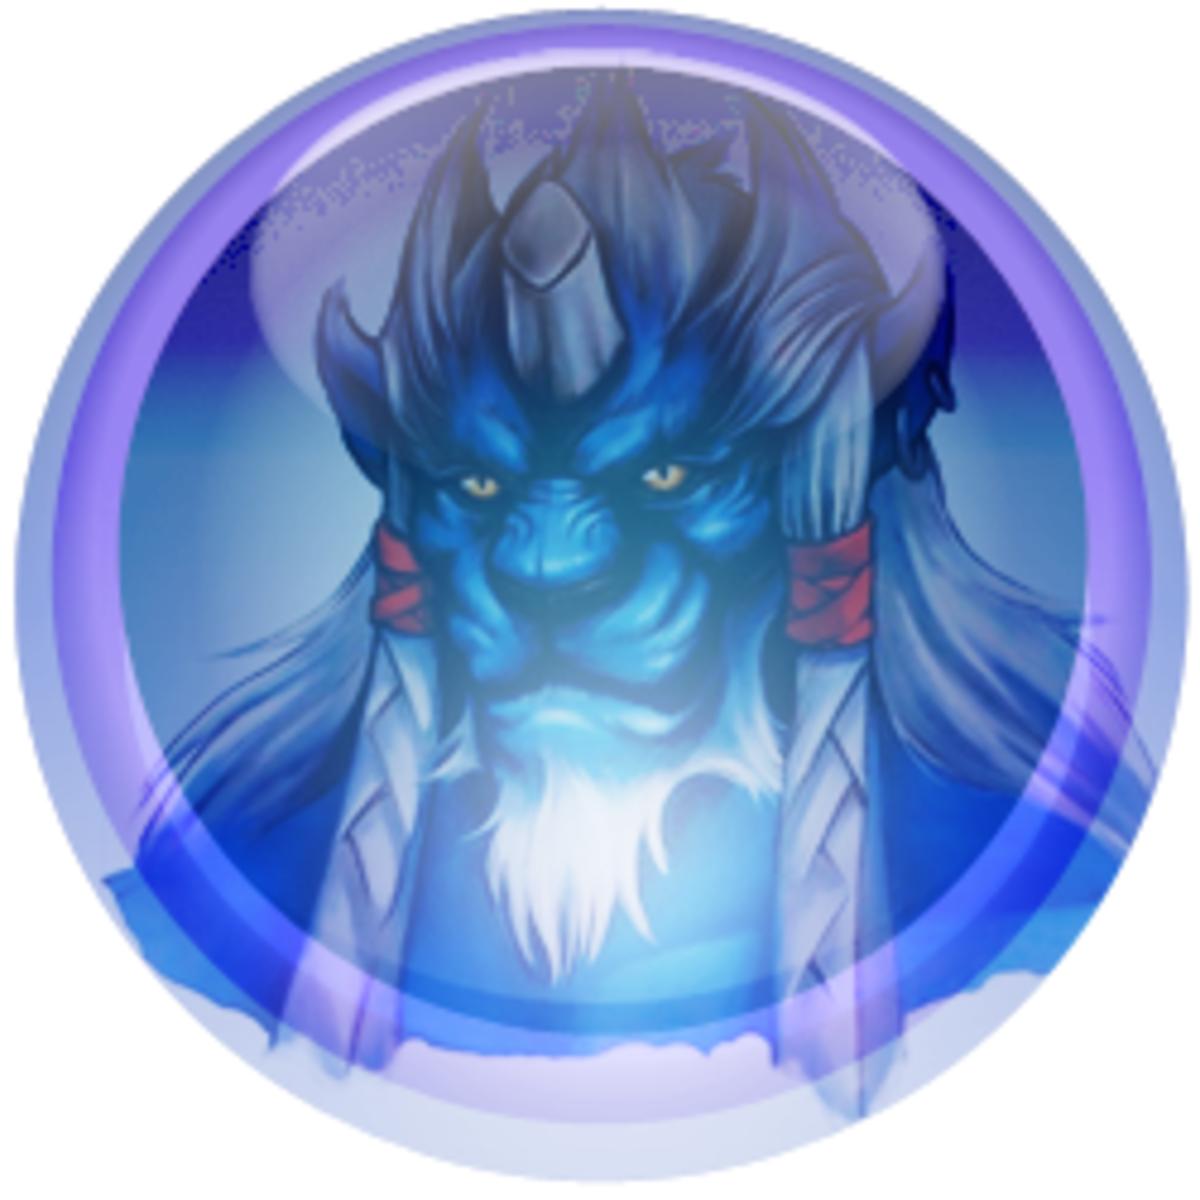 Kimahri Celestial Weapon - Spirit Lance